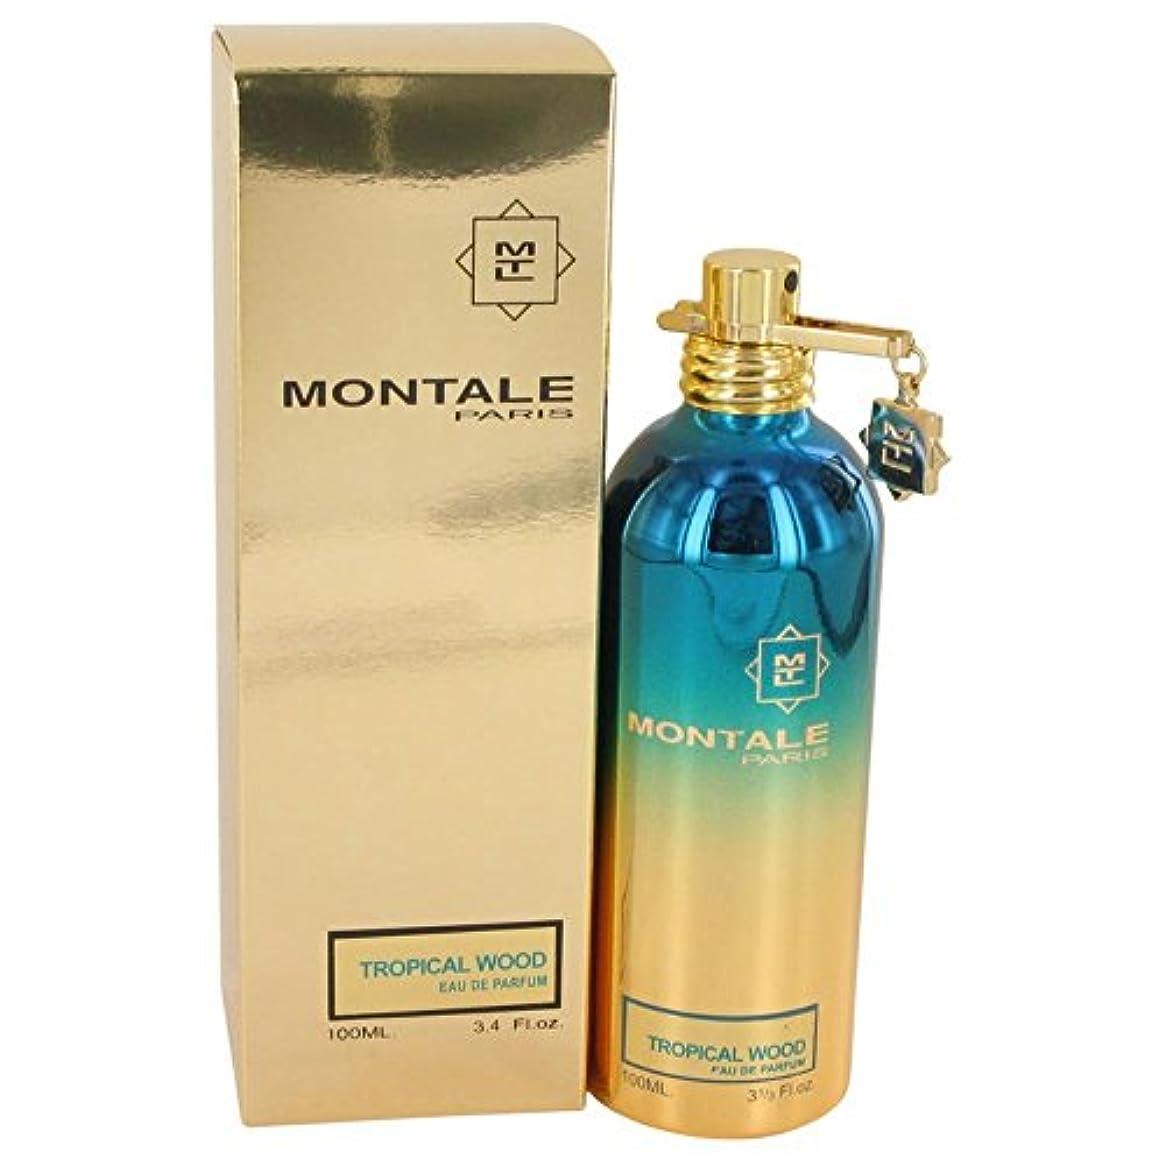 舌なお差し引くMontale Tropical Wood 100ml/3.4oz Eau De Parfum Spray Unisex Perfume Fragrance